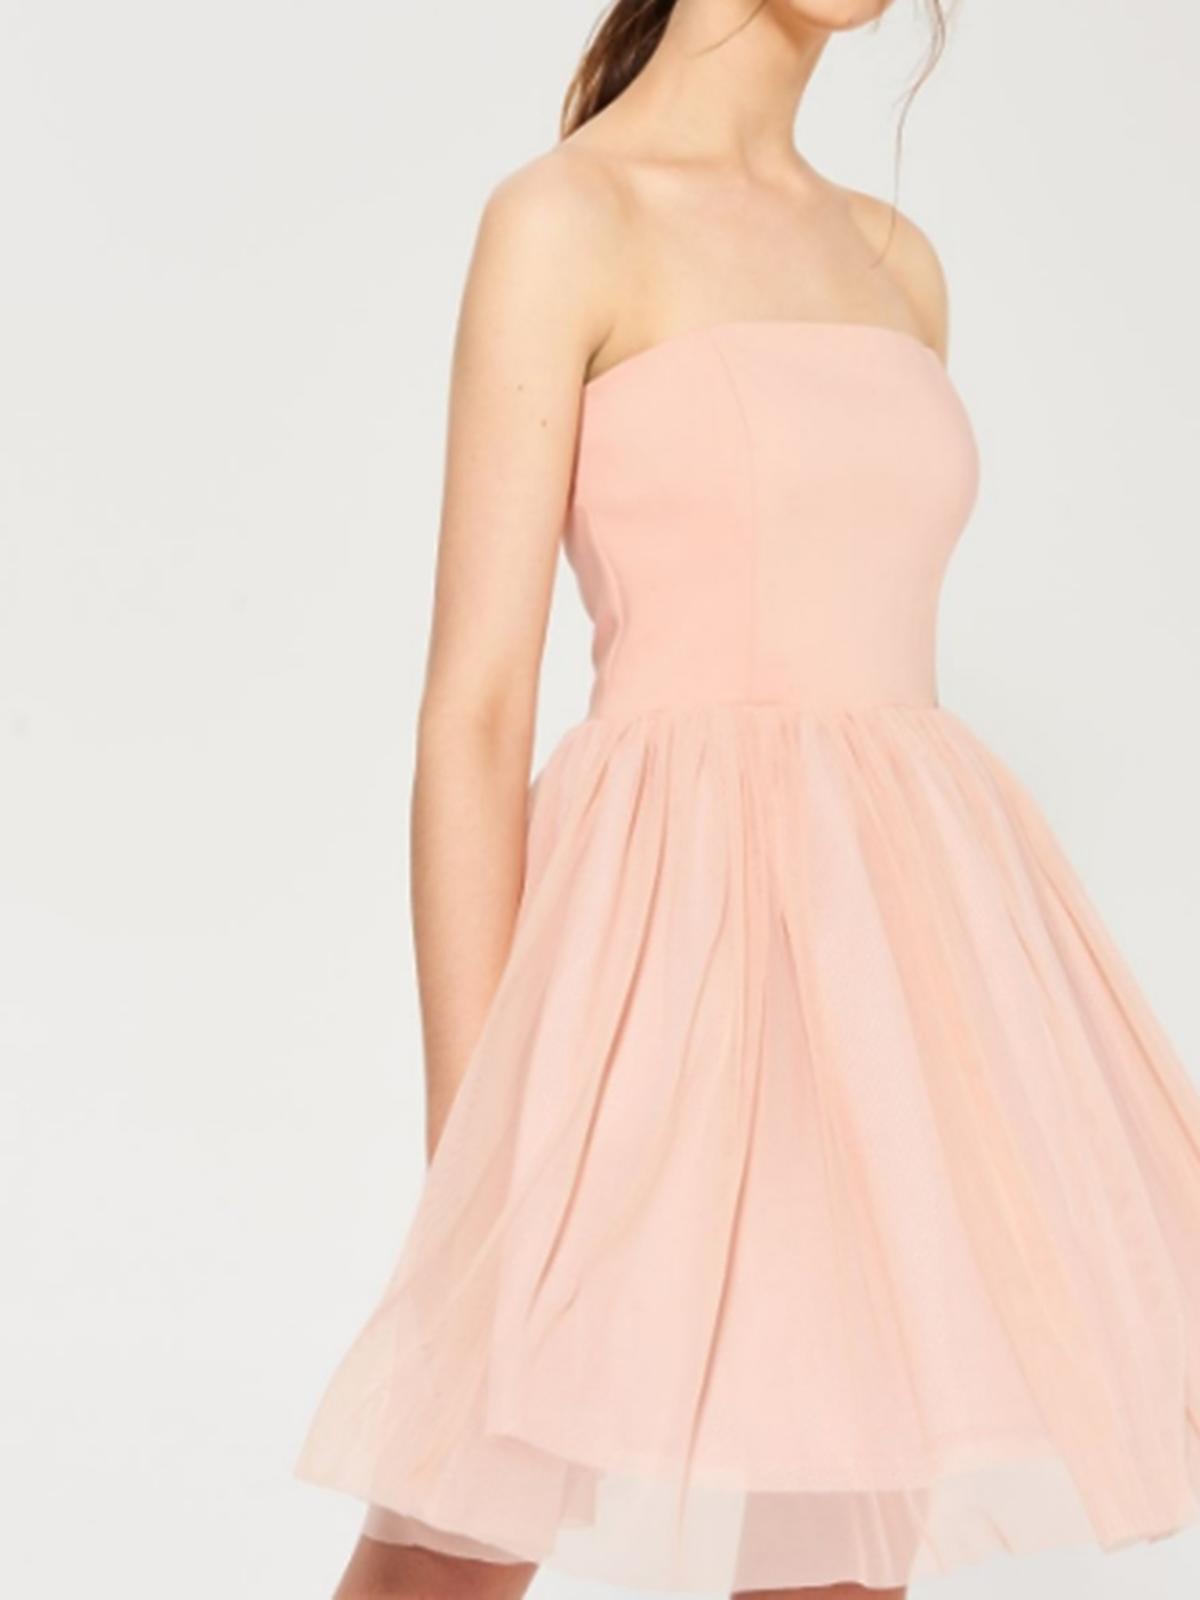 Rozkloszowana sukienka w kolorze nude, Sinsay, 59,99 zł (ze 129,99 zł)